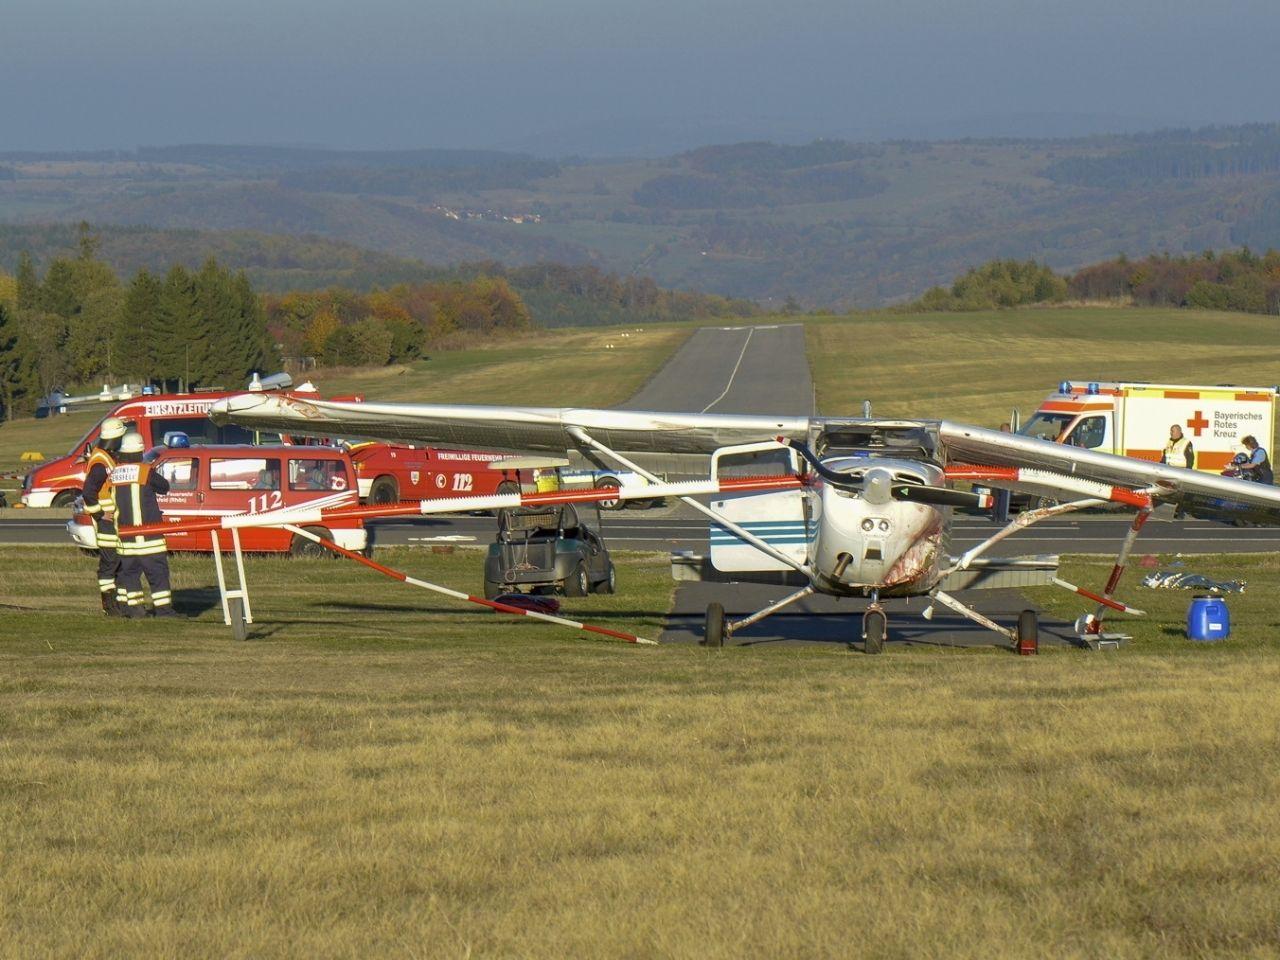 德國小型飛機失事墜毀釀3死